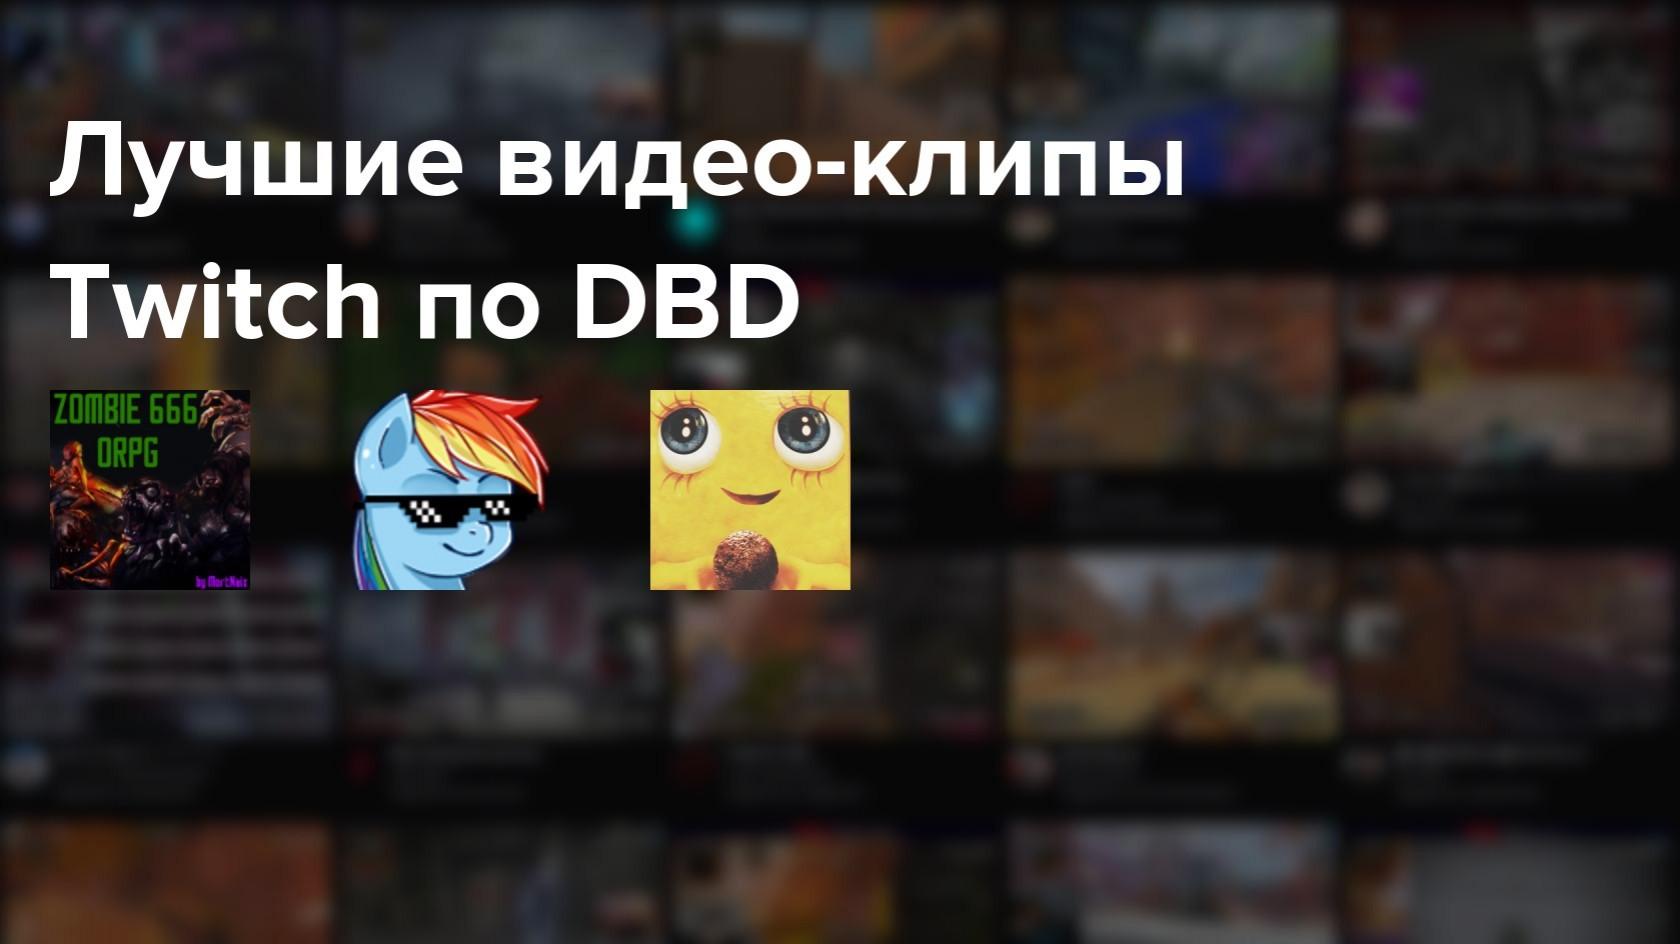 Самые популярные клипы Twitch по DBD